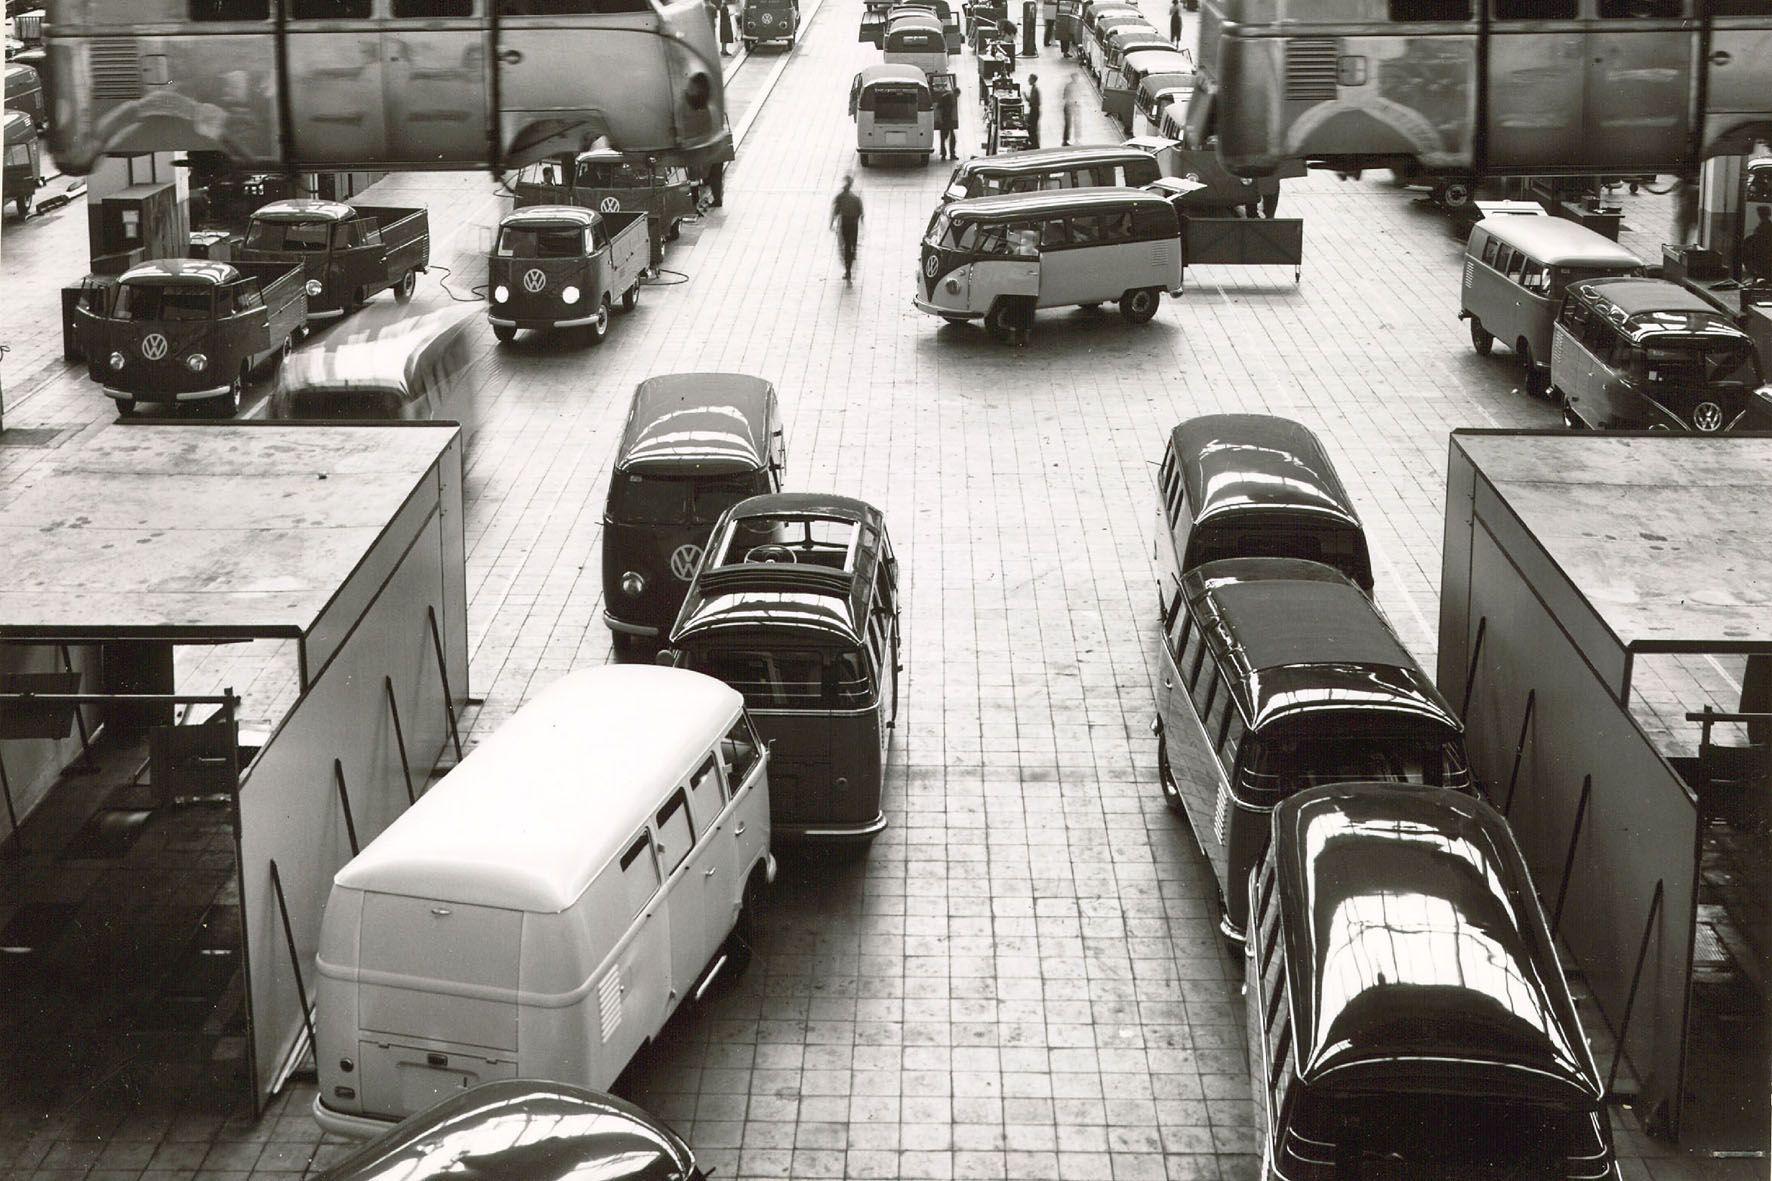 VW Barndoor factory